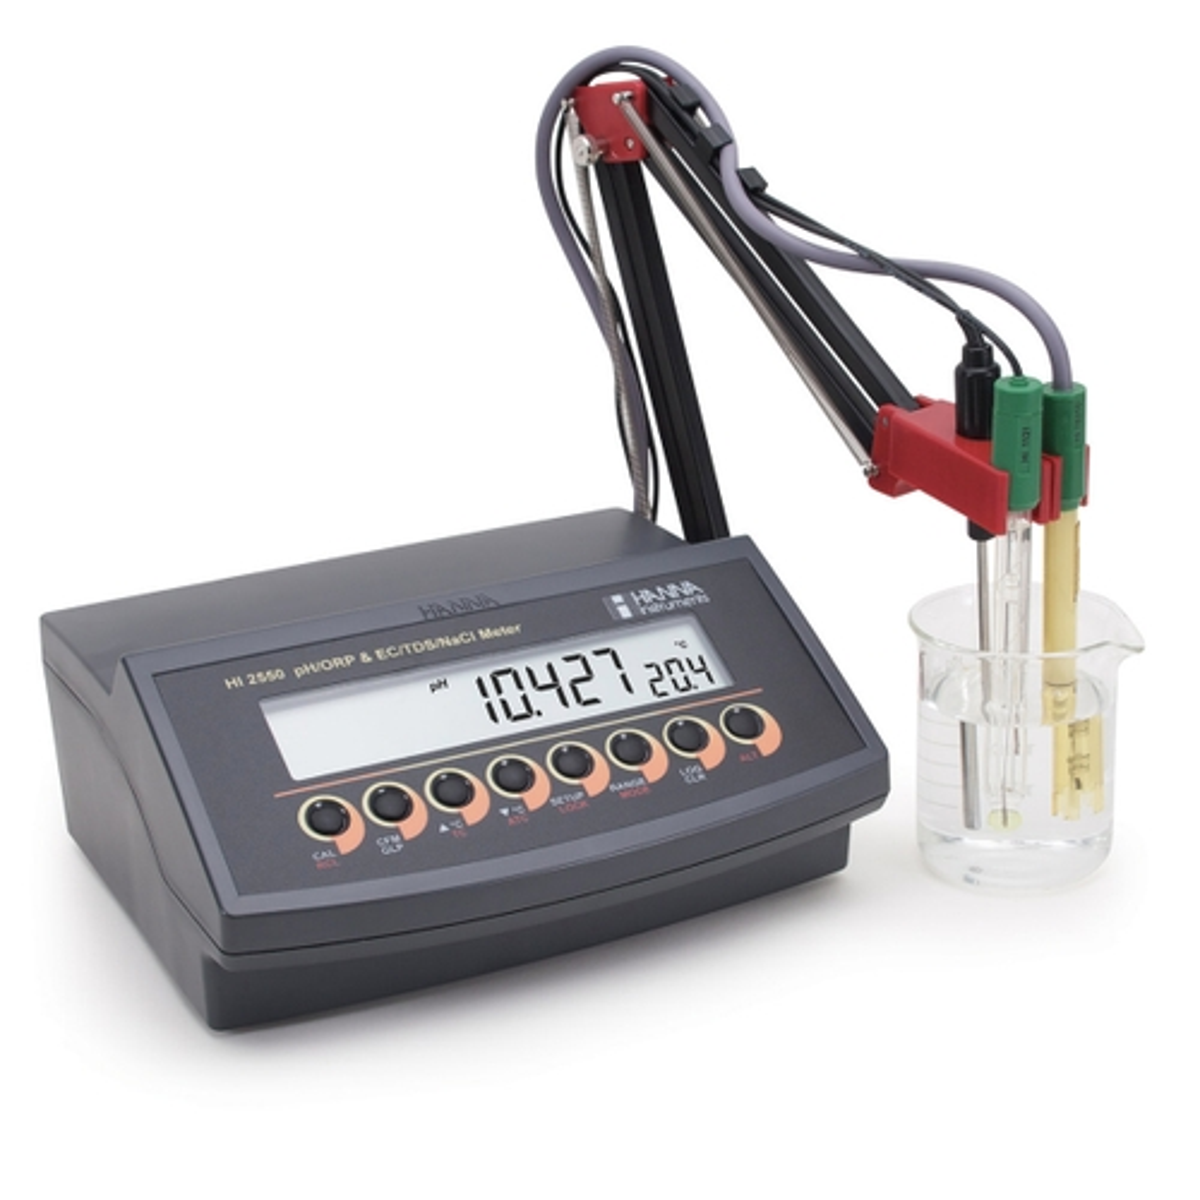 Medidor Multiparámetro de Sobremesa para pH/mV/ISE y CE/TDS/Salinidad - HI2550